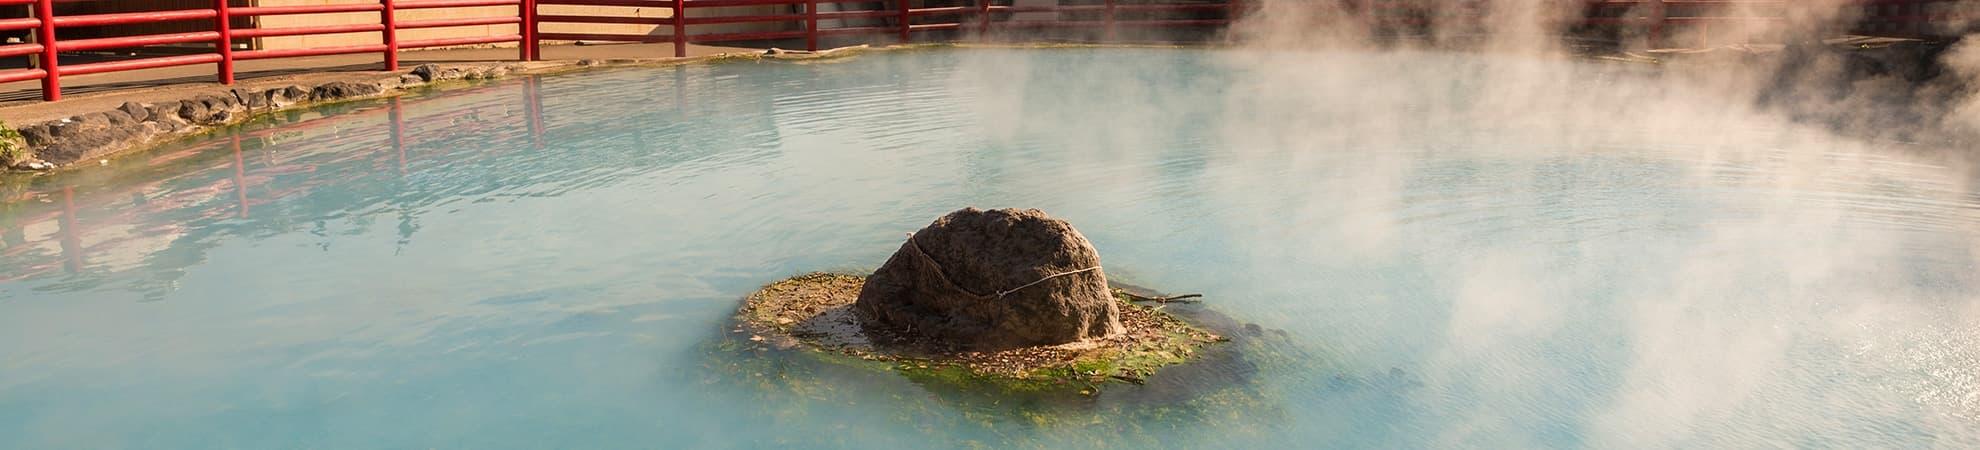 Onsen hot spring tours